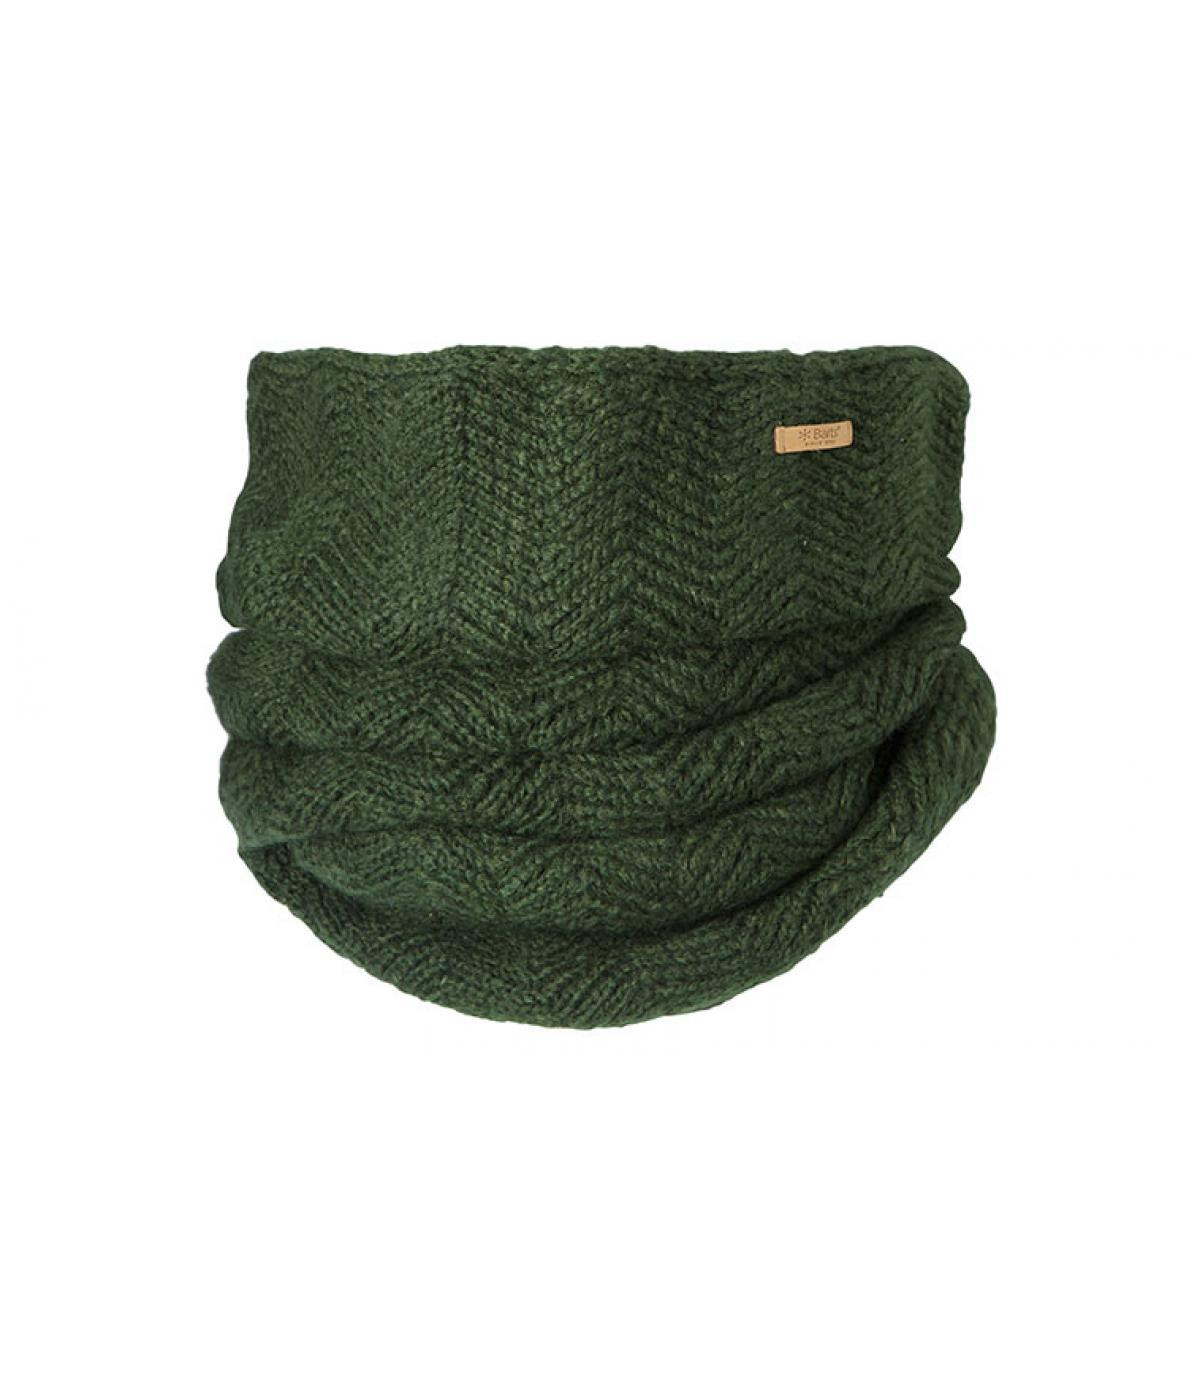 Loop grün Barts